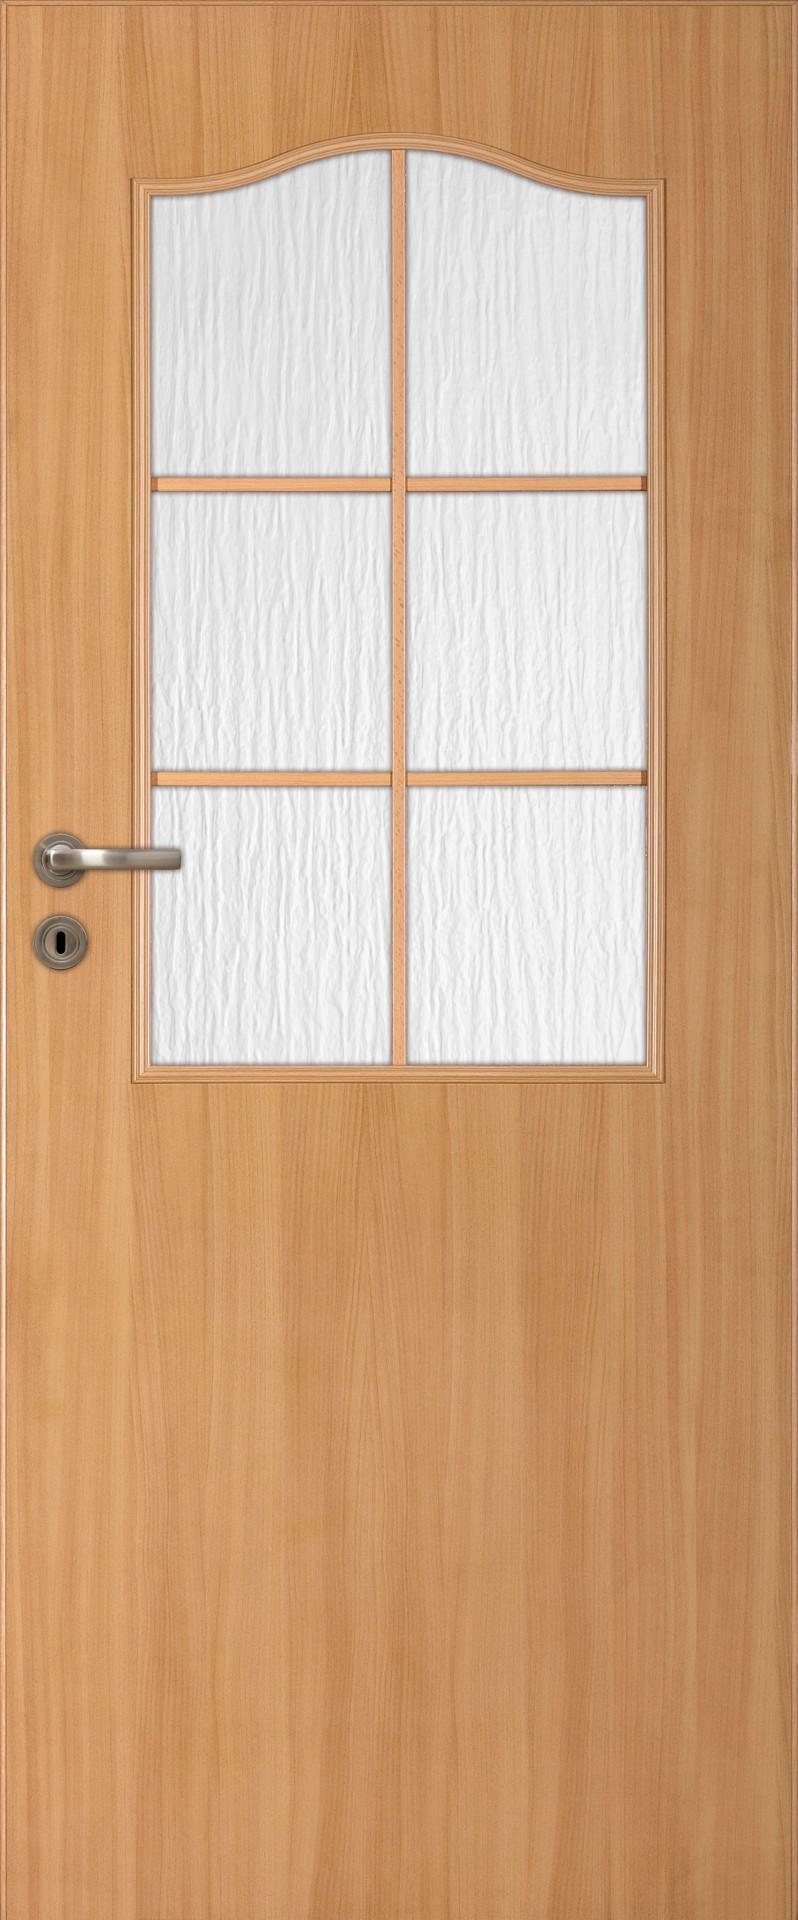 Dre dveře Lack 30s, Šíře v cm 60